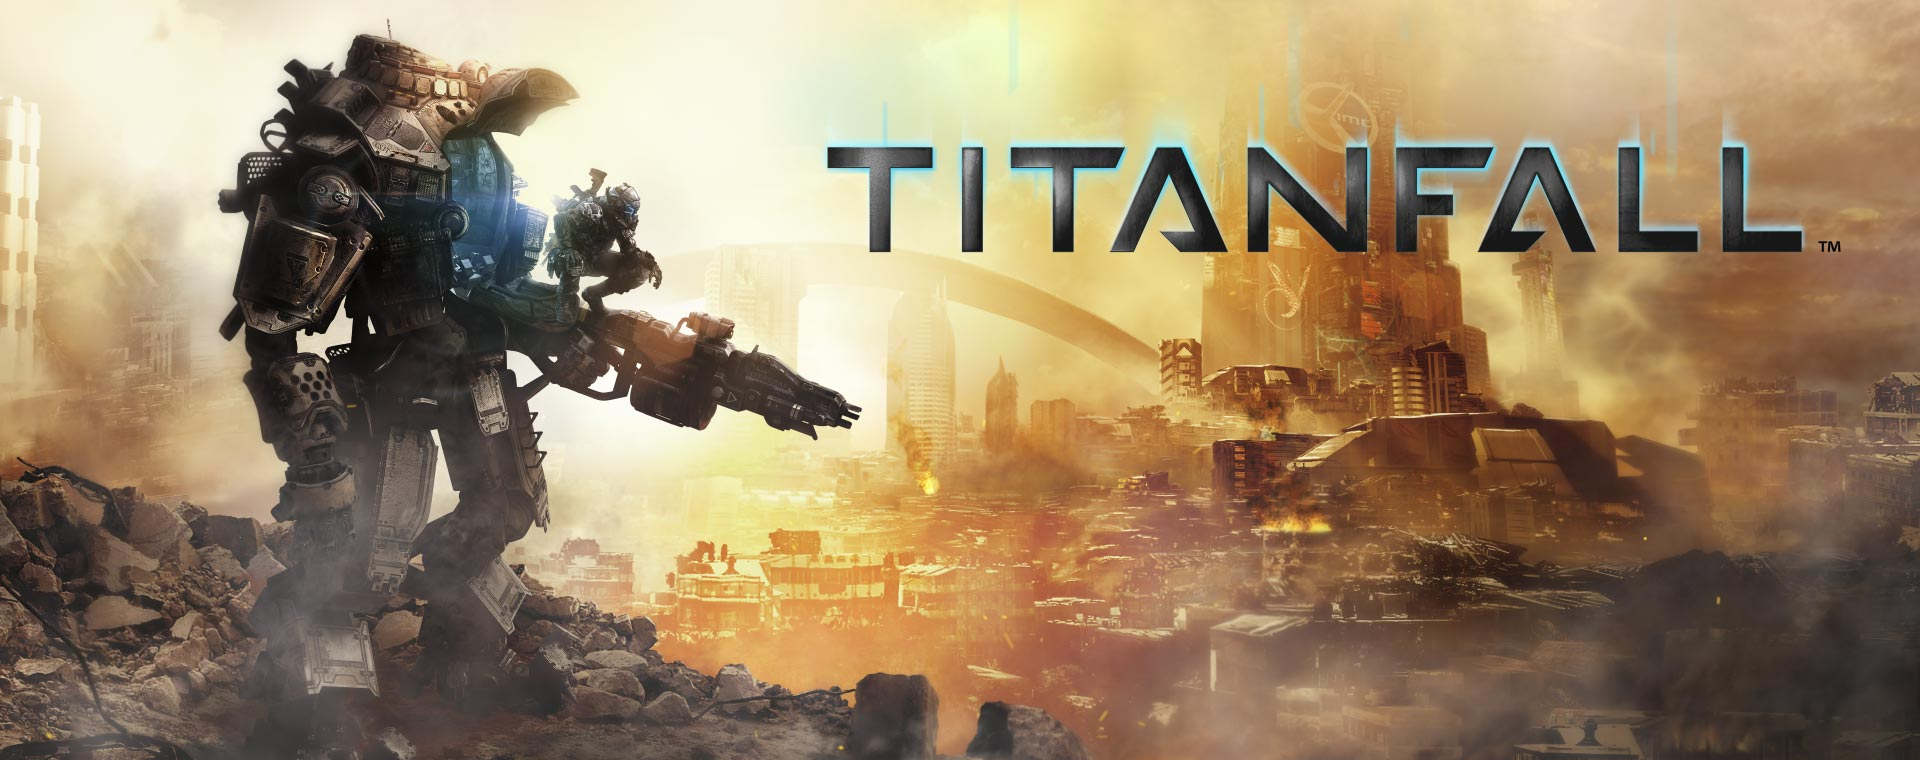 titanfall (origin | region free | multi) 399 rur